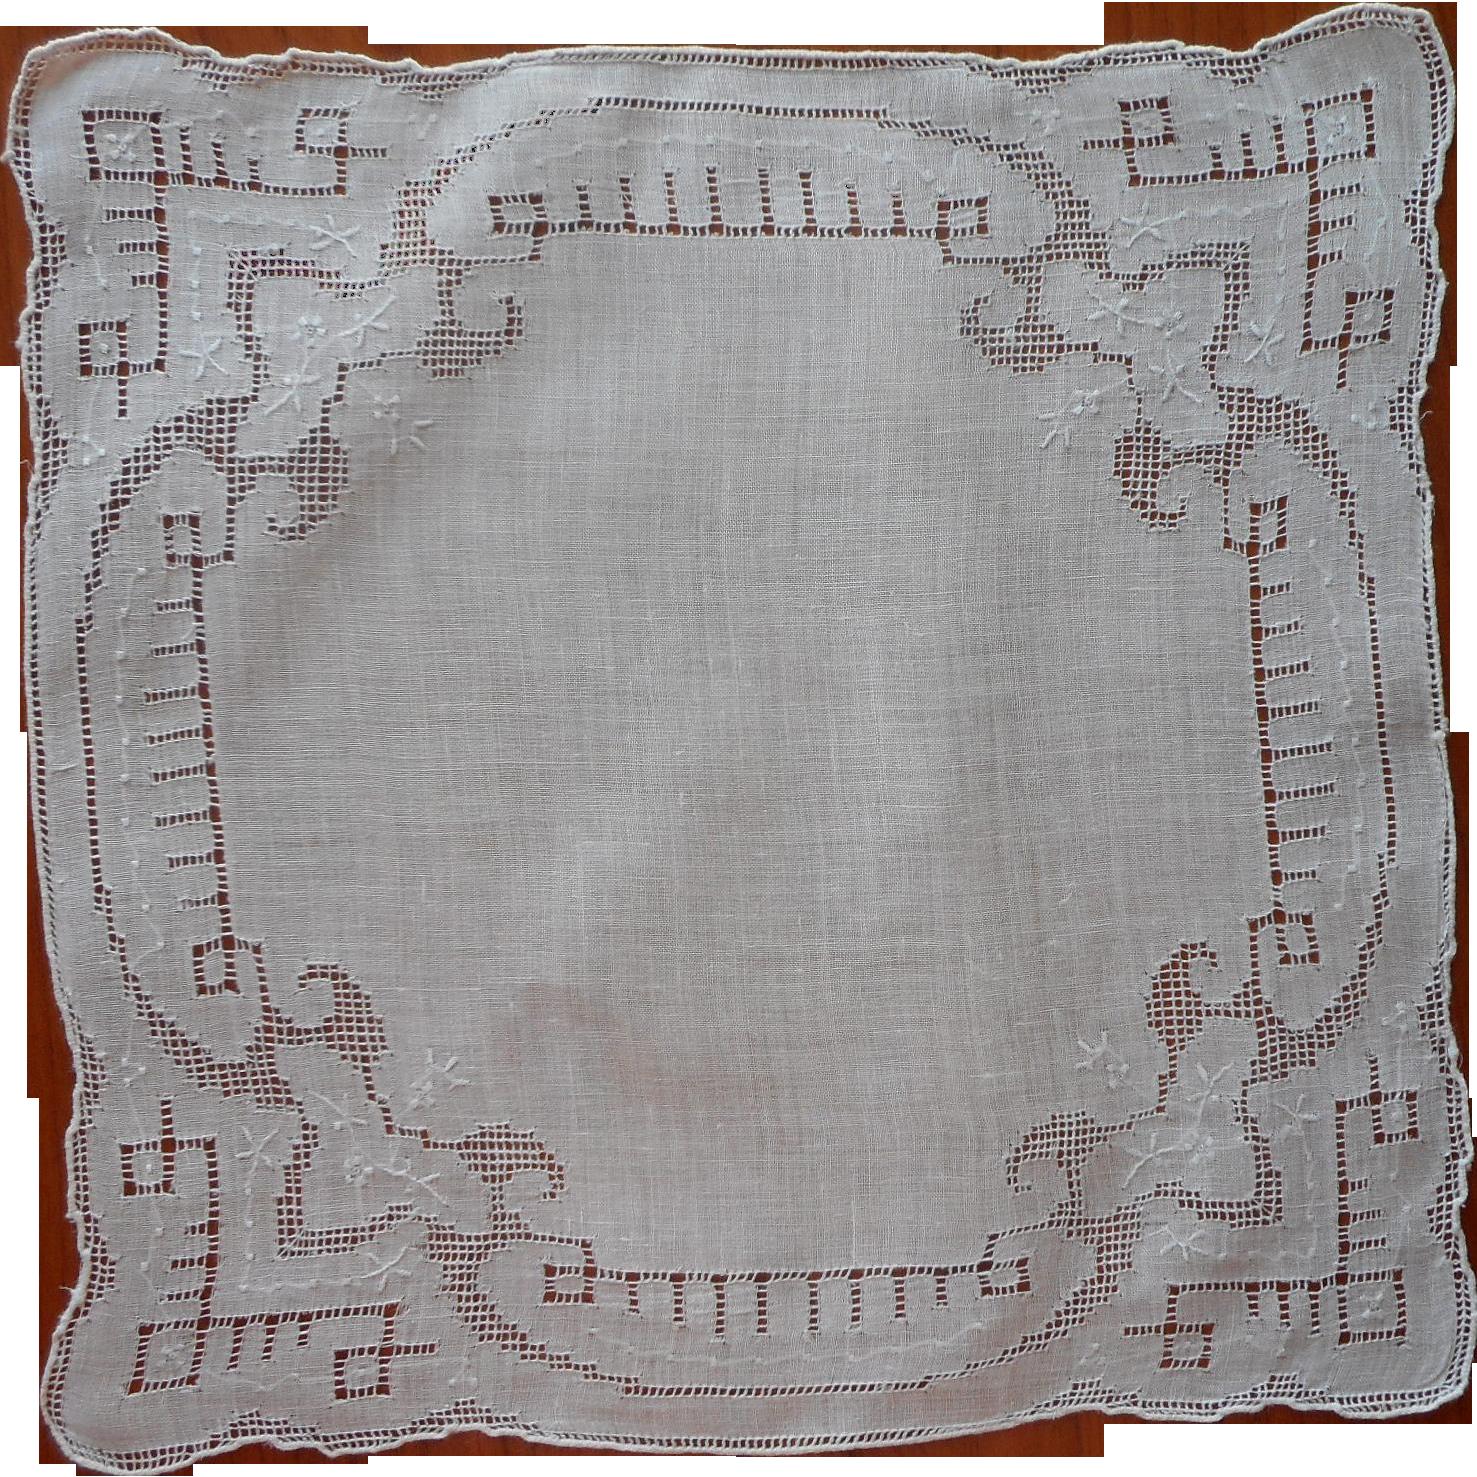 Vintage Hankie Linen Drawn Work Hand Embroidery